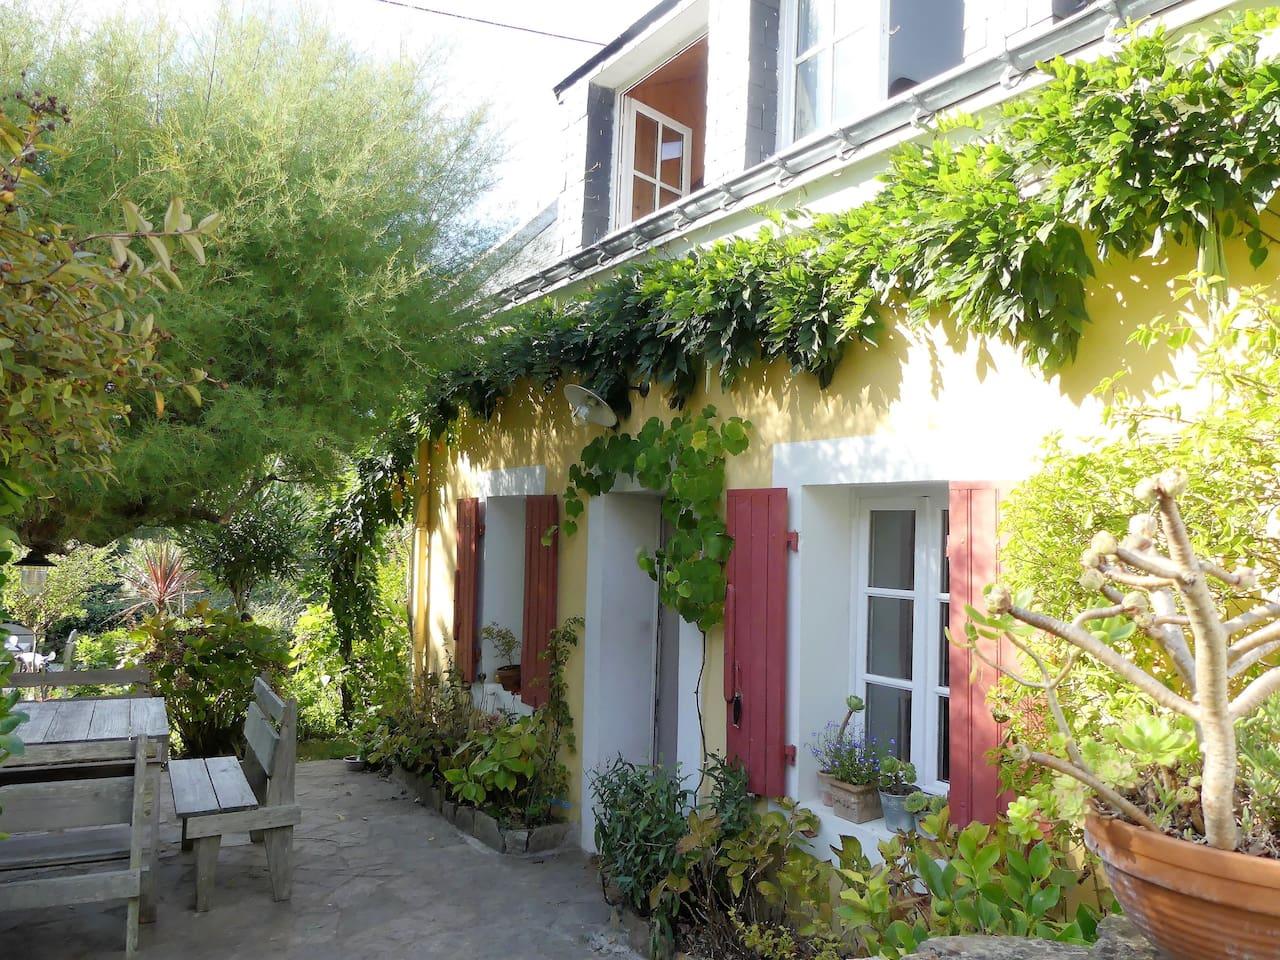 Entrée de la maison et terrasse avec grande table extérieure